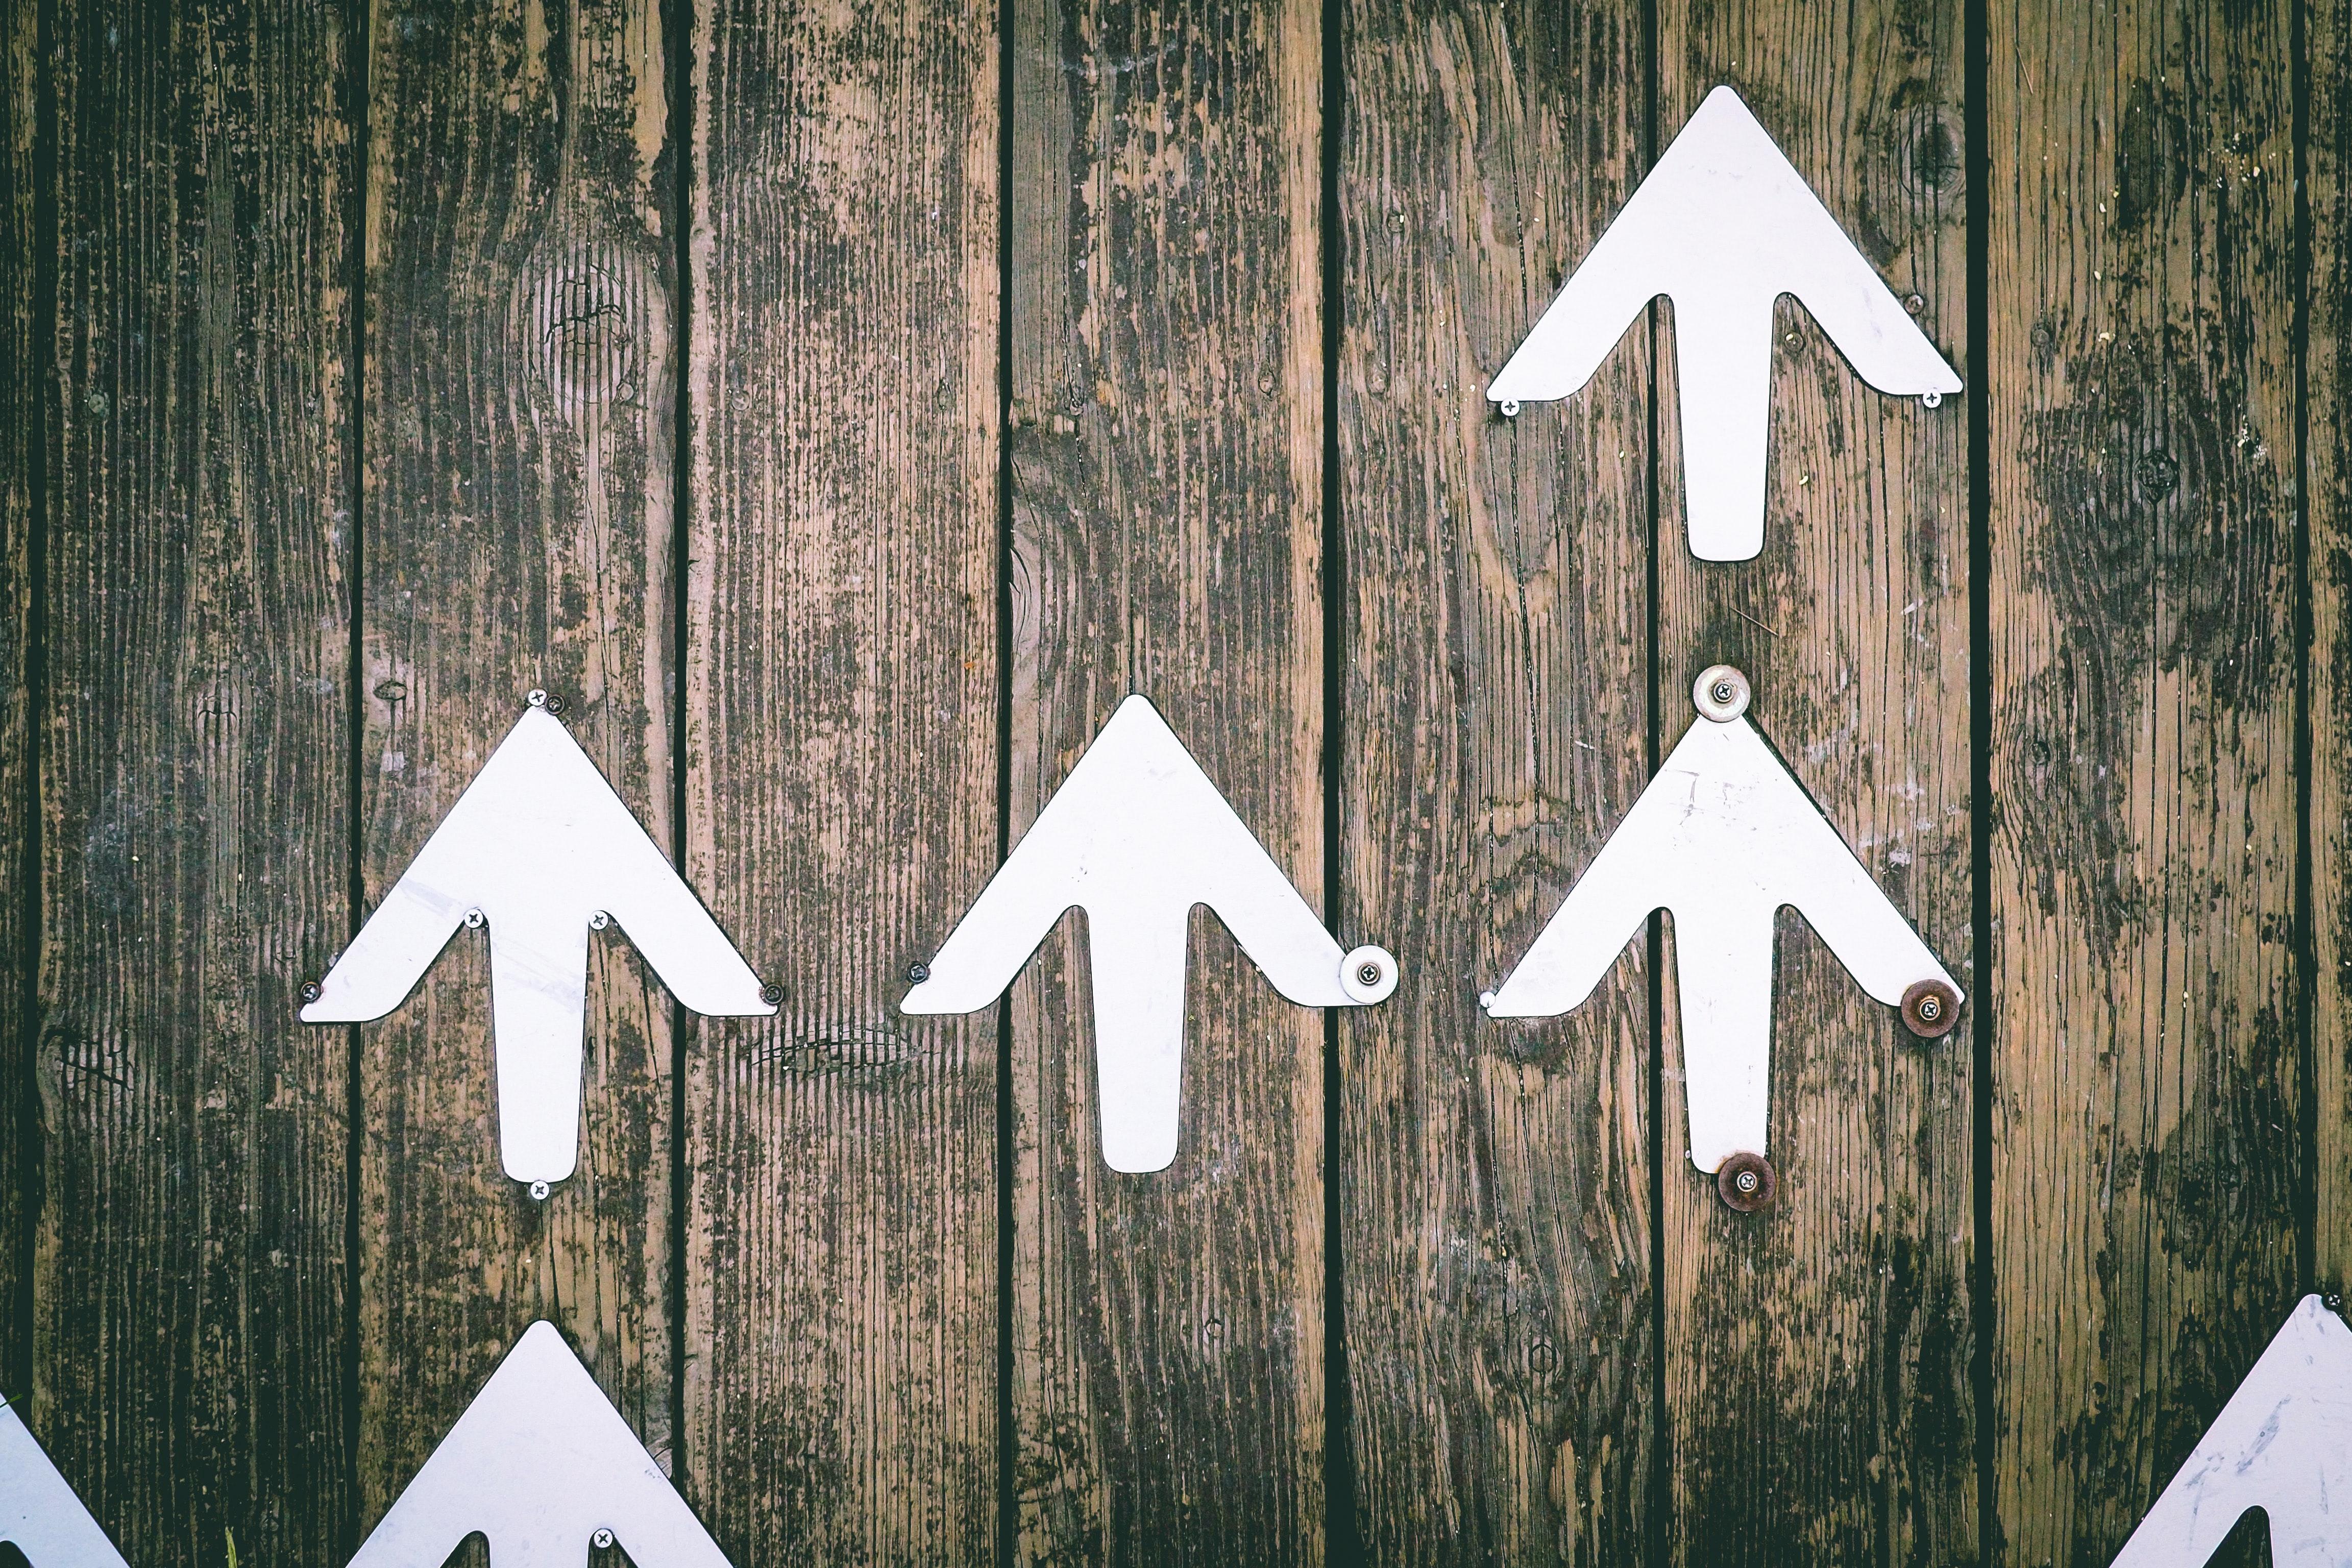 Venituri în creștere cu 26% în Q1 2020 pentru Grupul Asseco SEE